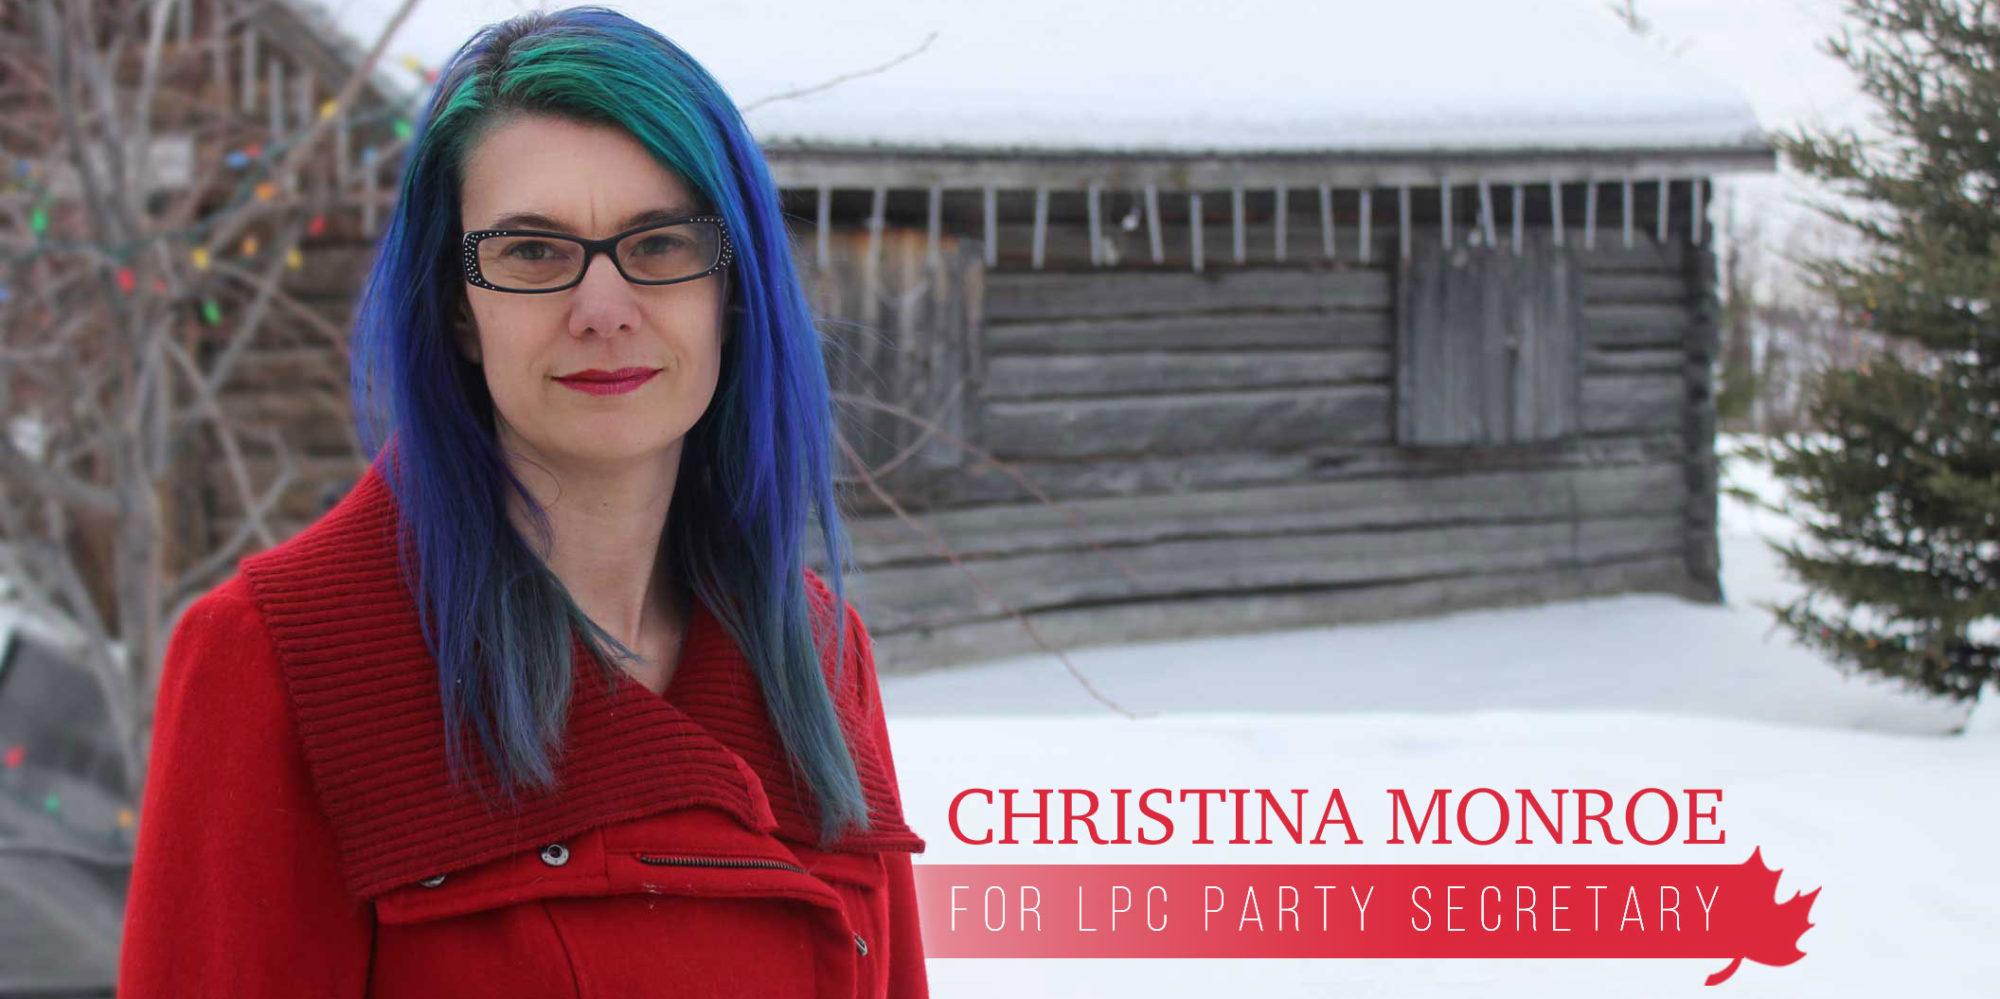 Christina Monroe